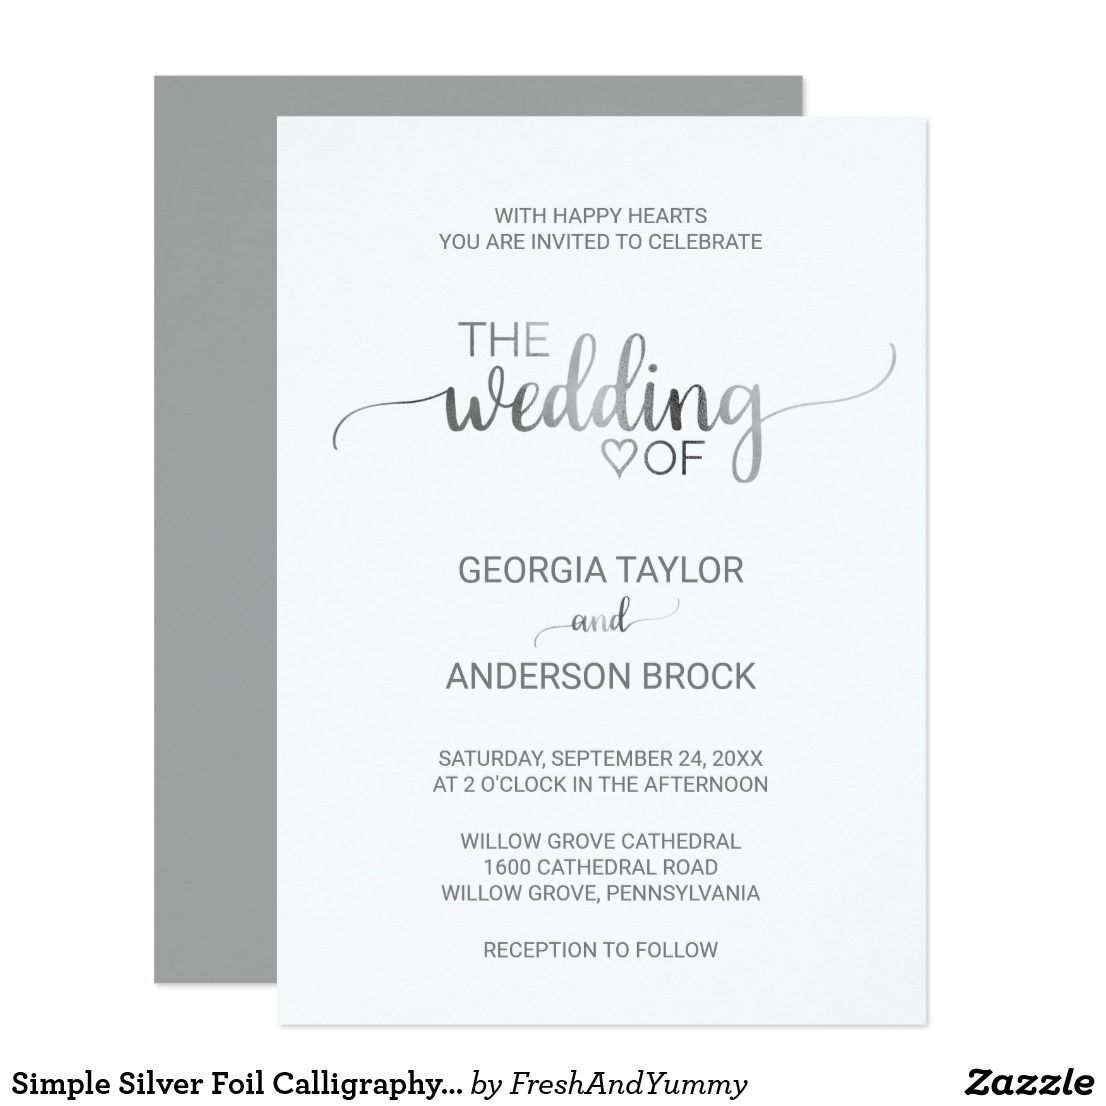 Simple Silver Foil Calligraphy Wedding Invitation Zazzle Com